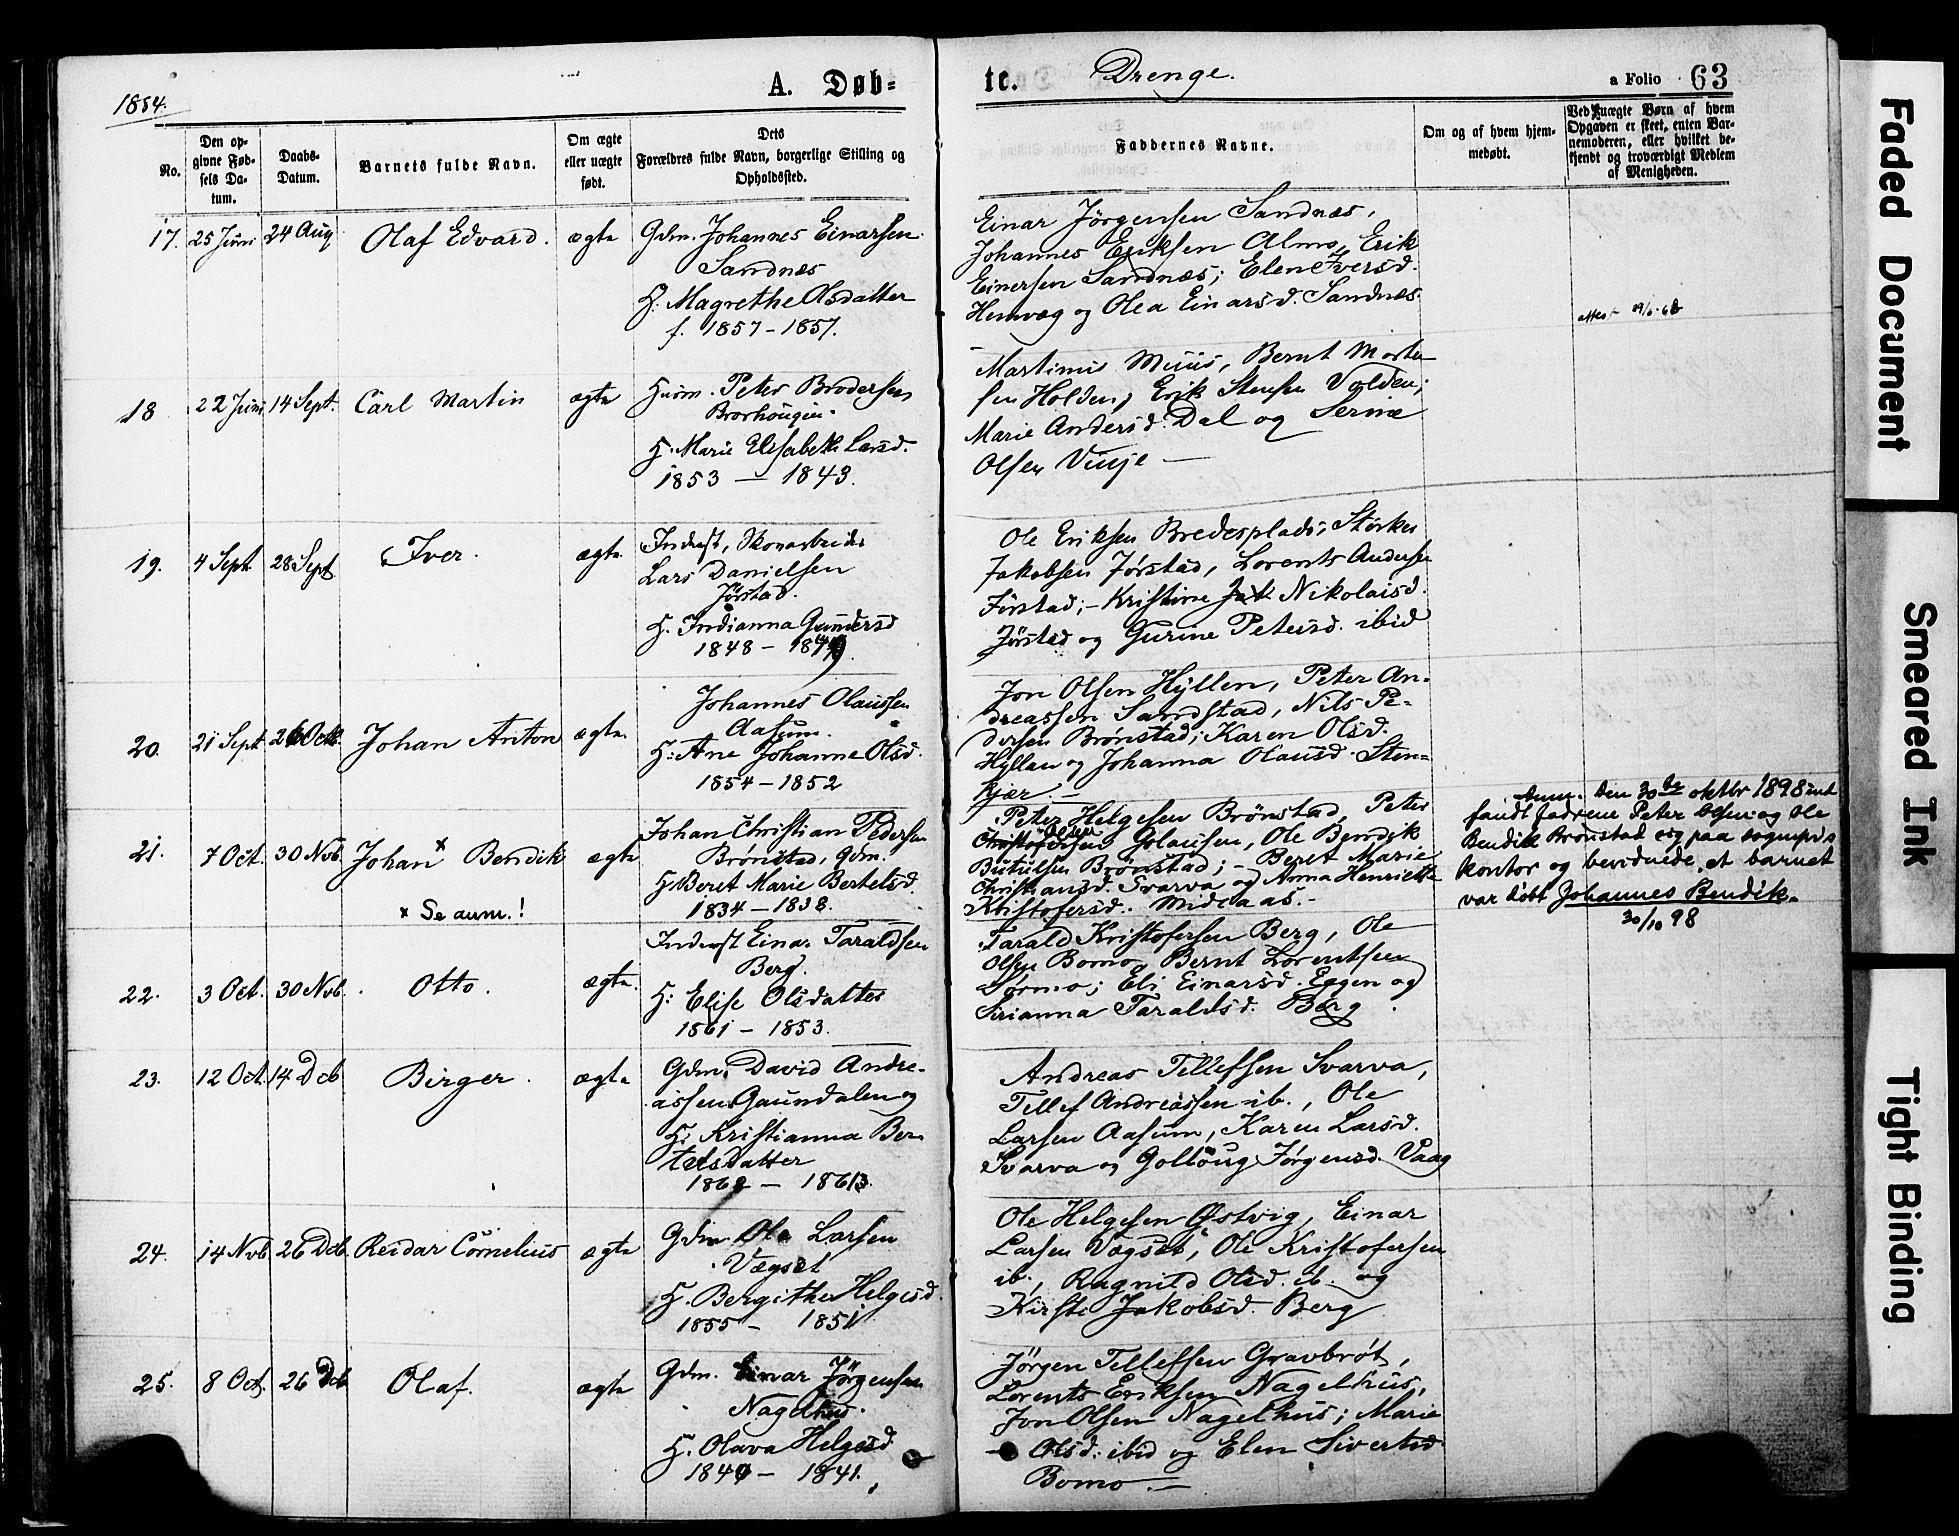 SAT, Ministerialprotokoller, klokkerbøker og fødselsregistre - Nord-Trøndelag, 749/L0473: Ministerialbok nr. 749A07, 1873-1887, s. 63